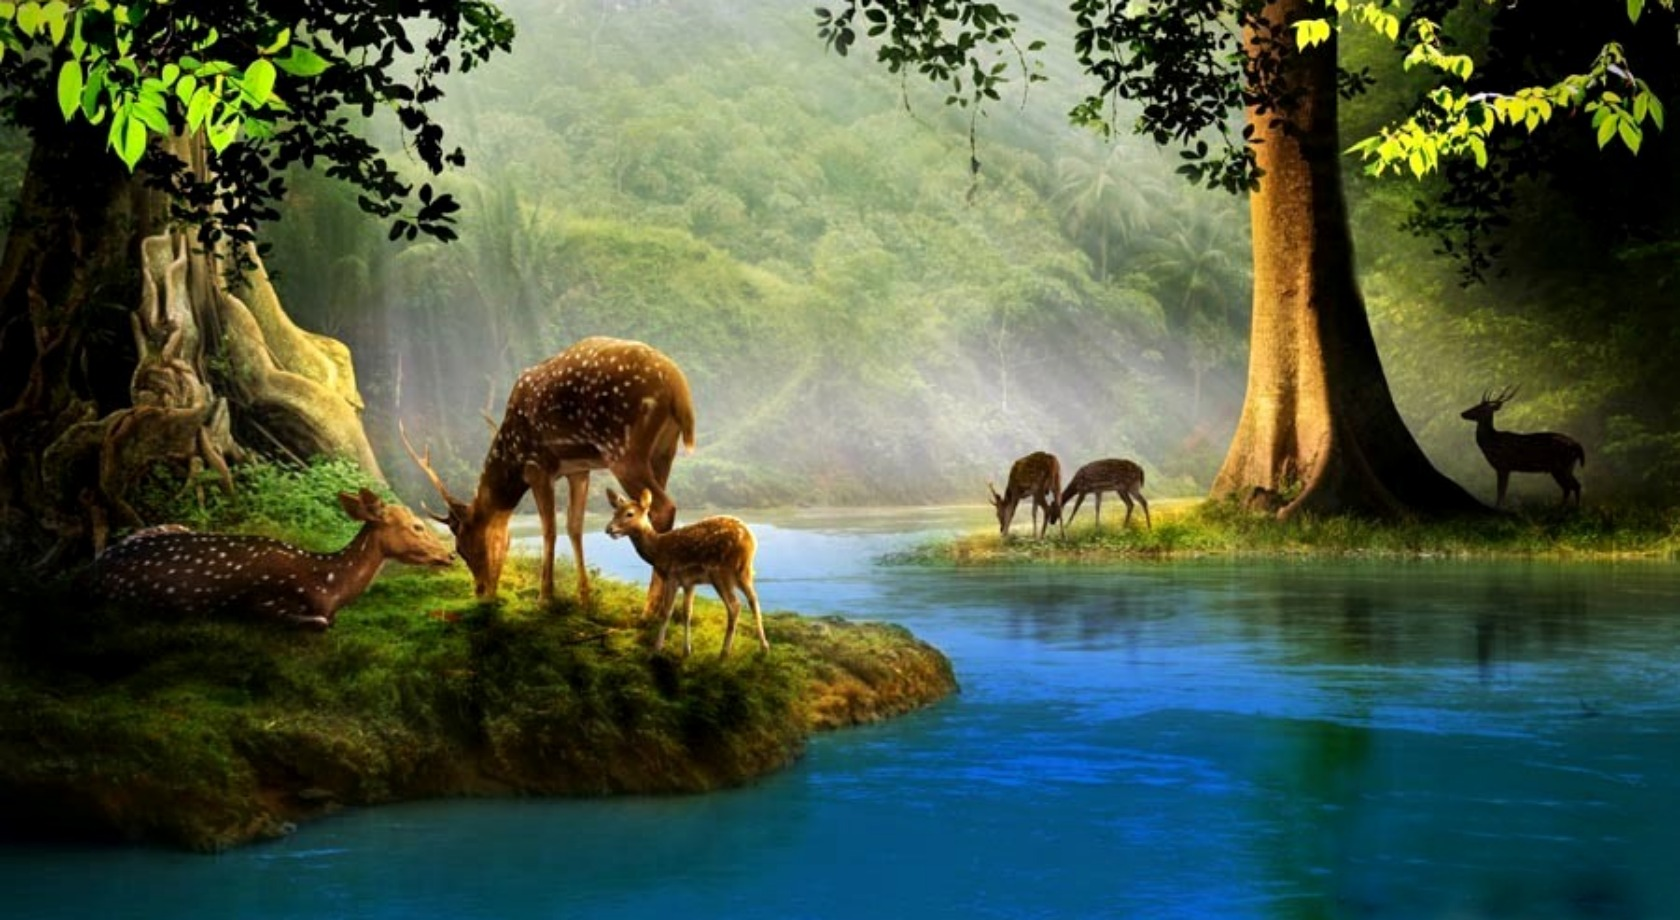 Deer Computer Wallpapers Desktop Backgrounds 1680x920 Id 124150 1680x920